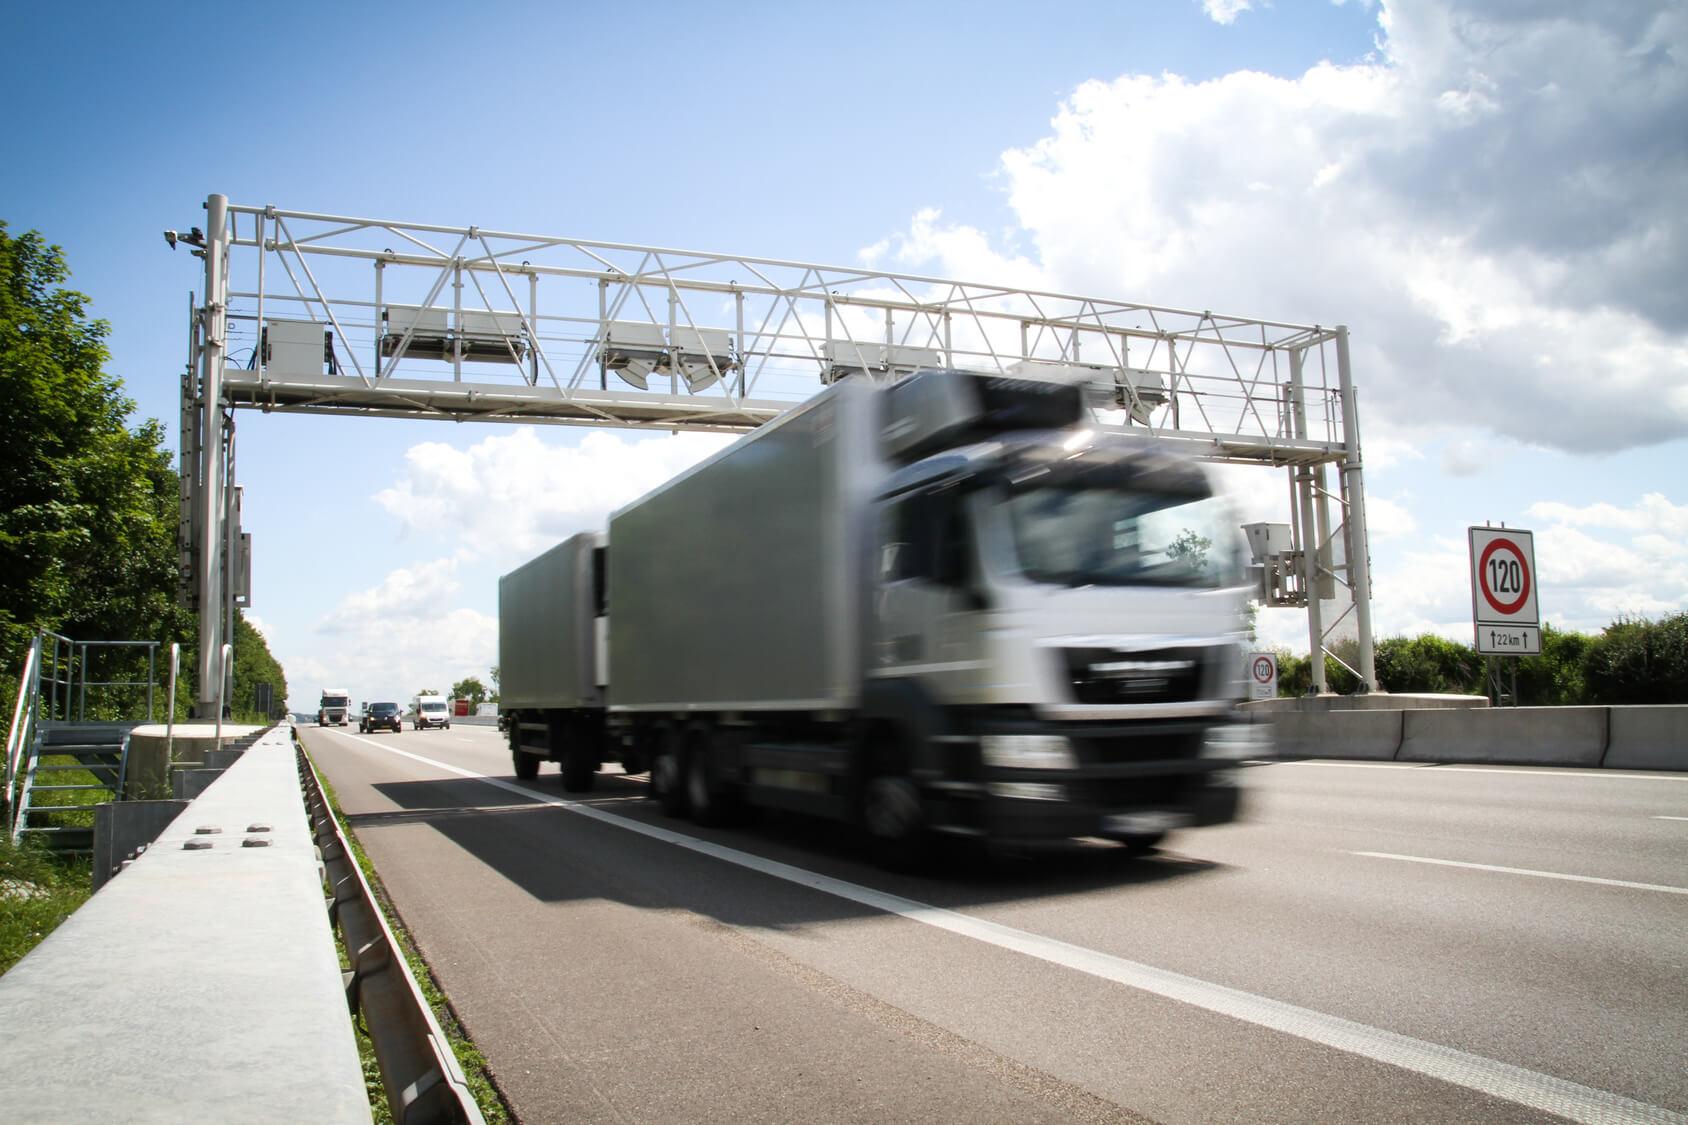 Lkw fährt auf einer Autobahn durch eine Maut-Erfassungsstelle.